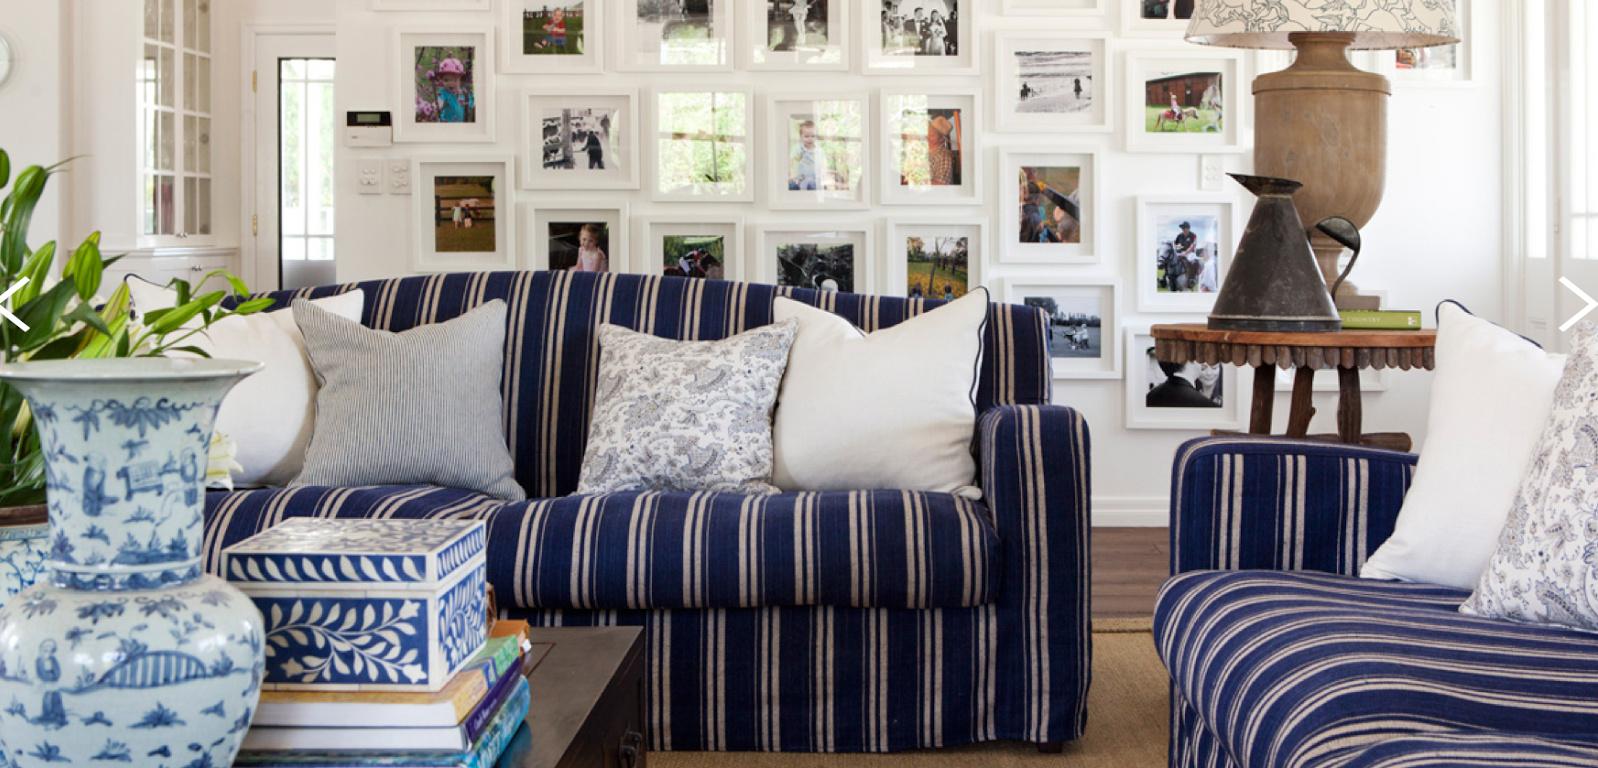 Boiserie c bianco blu 22 idee di arredo vincenti for Idee di arredo